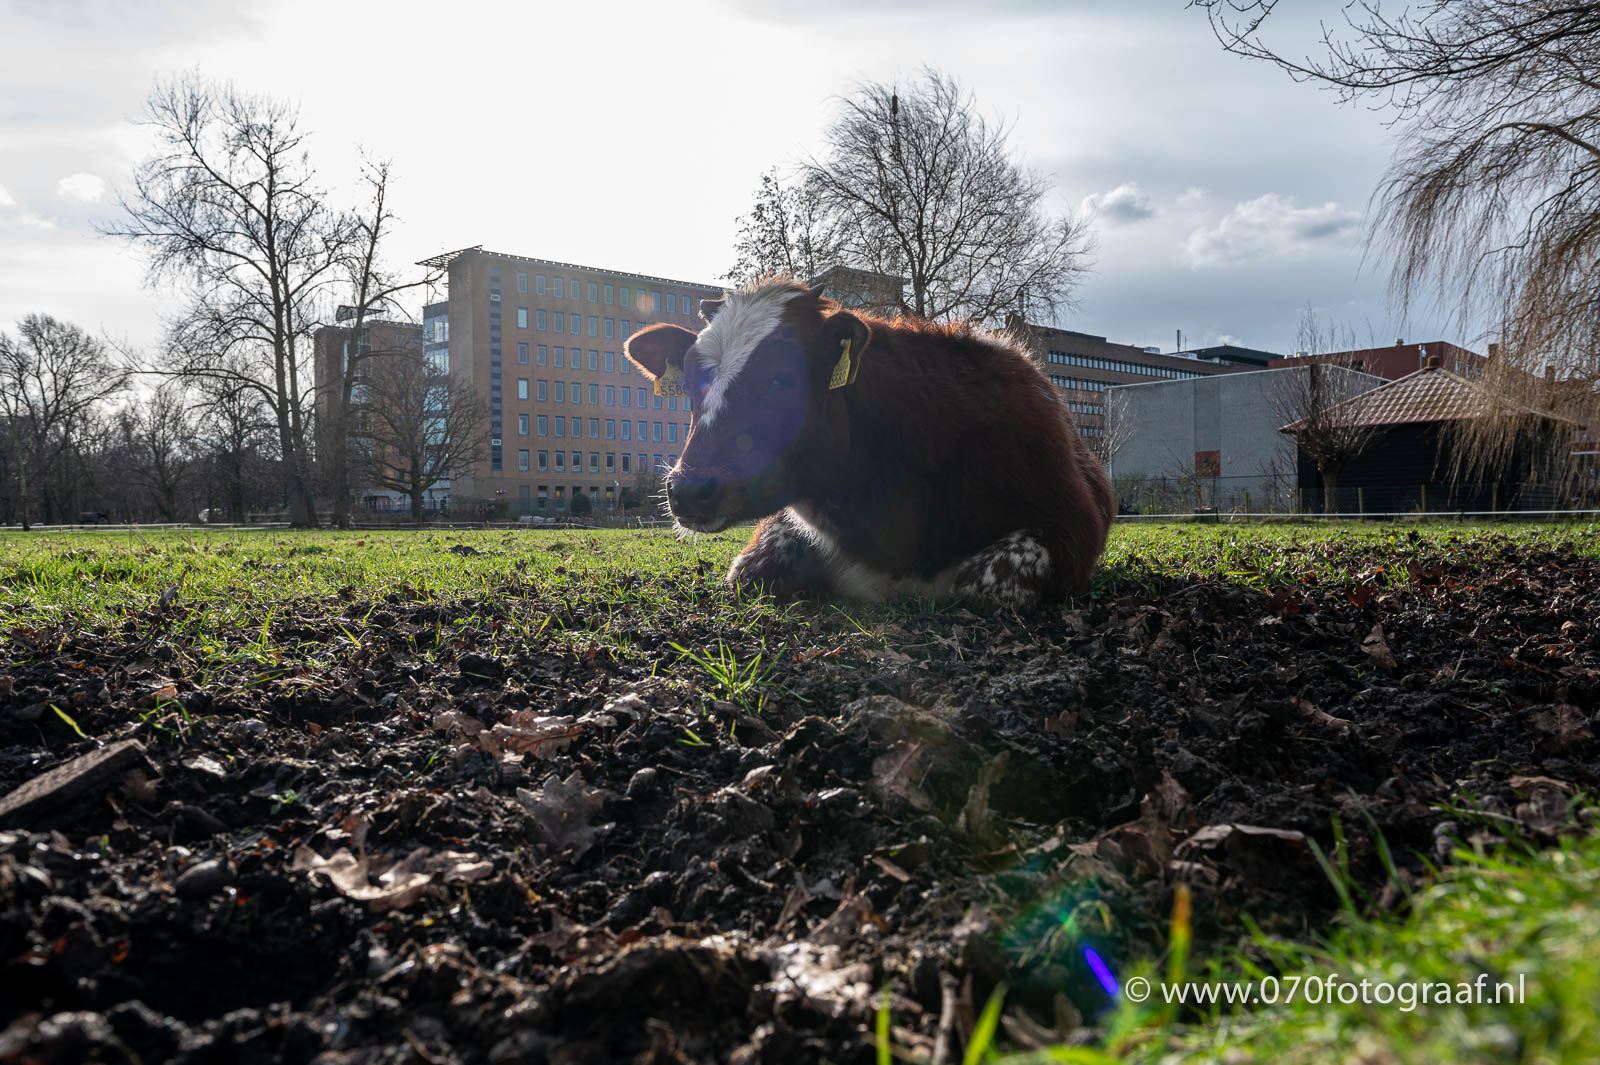 ANWB terrein in Benoordenhout Foto: 070fotograaf.nl